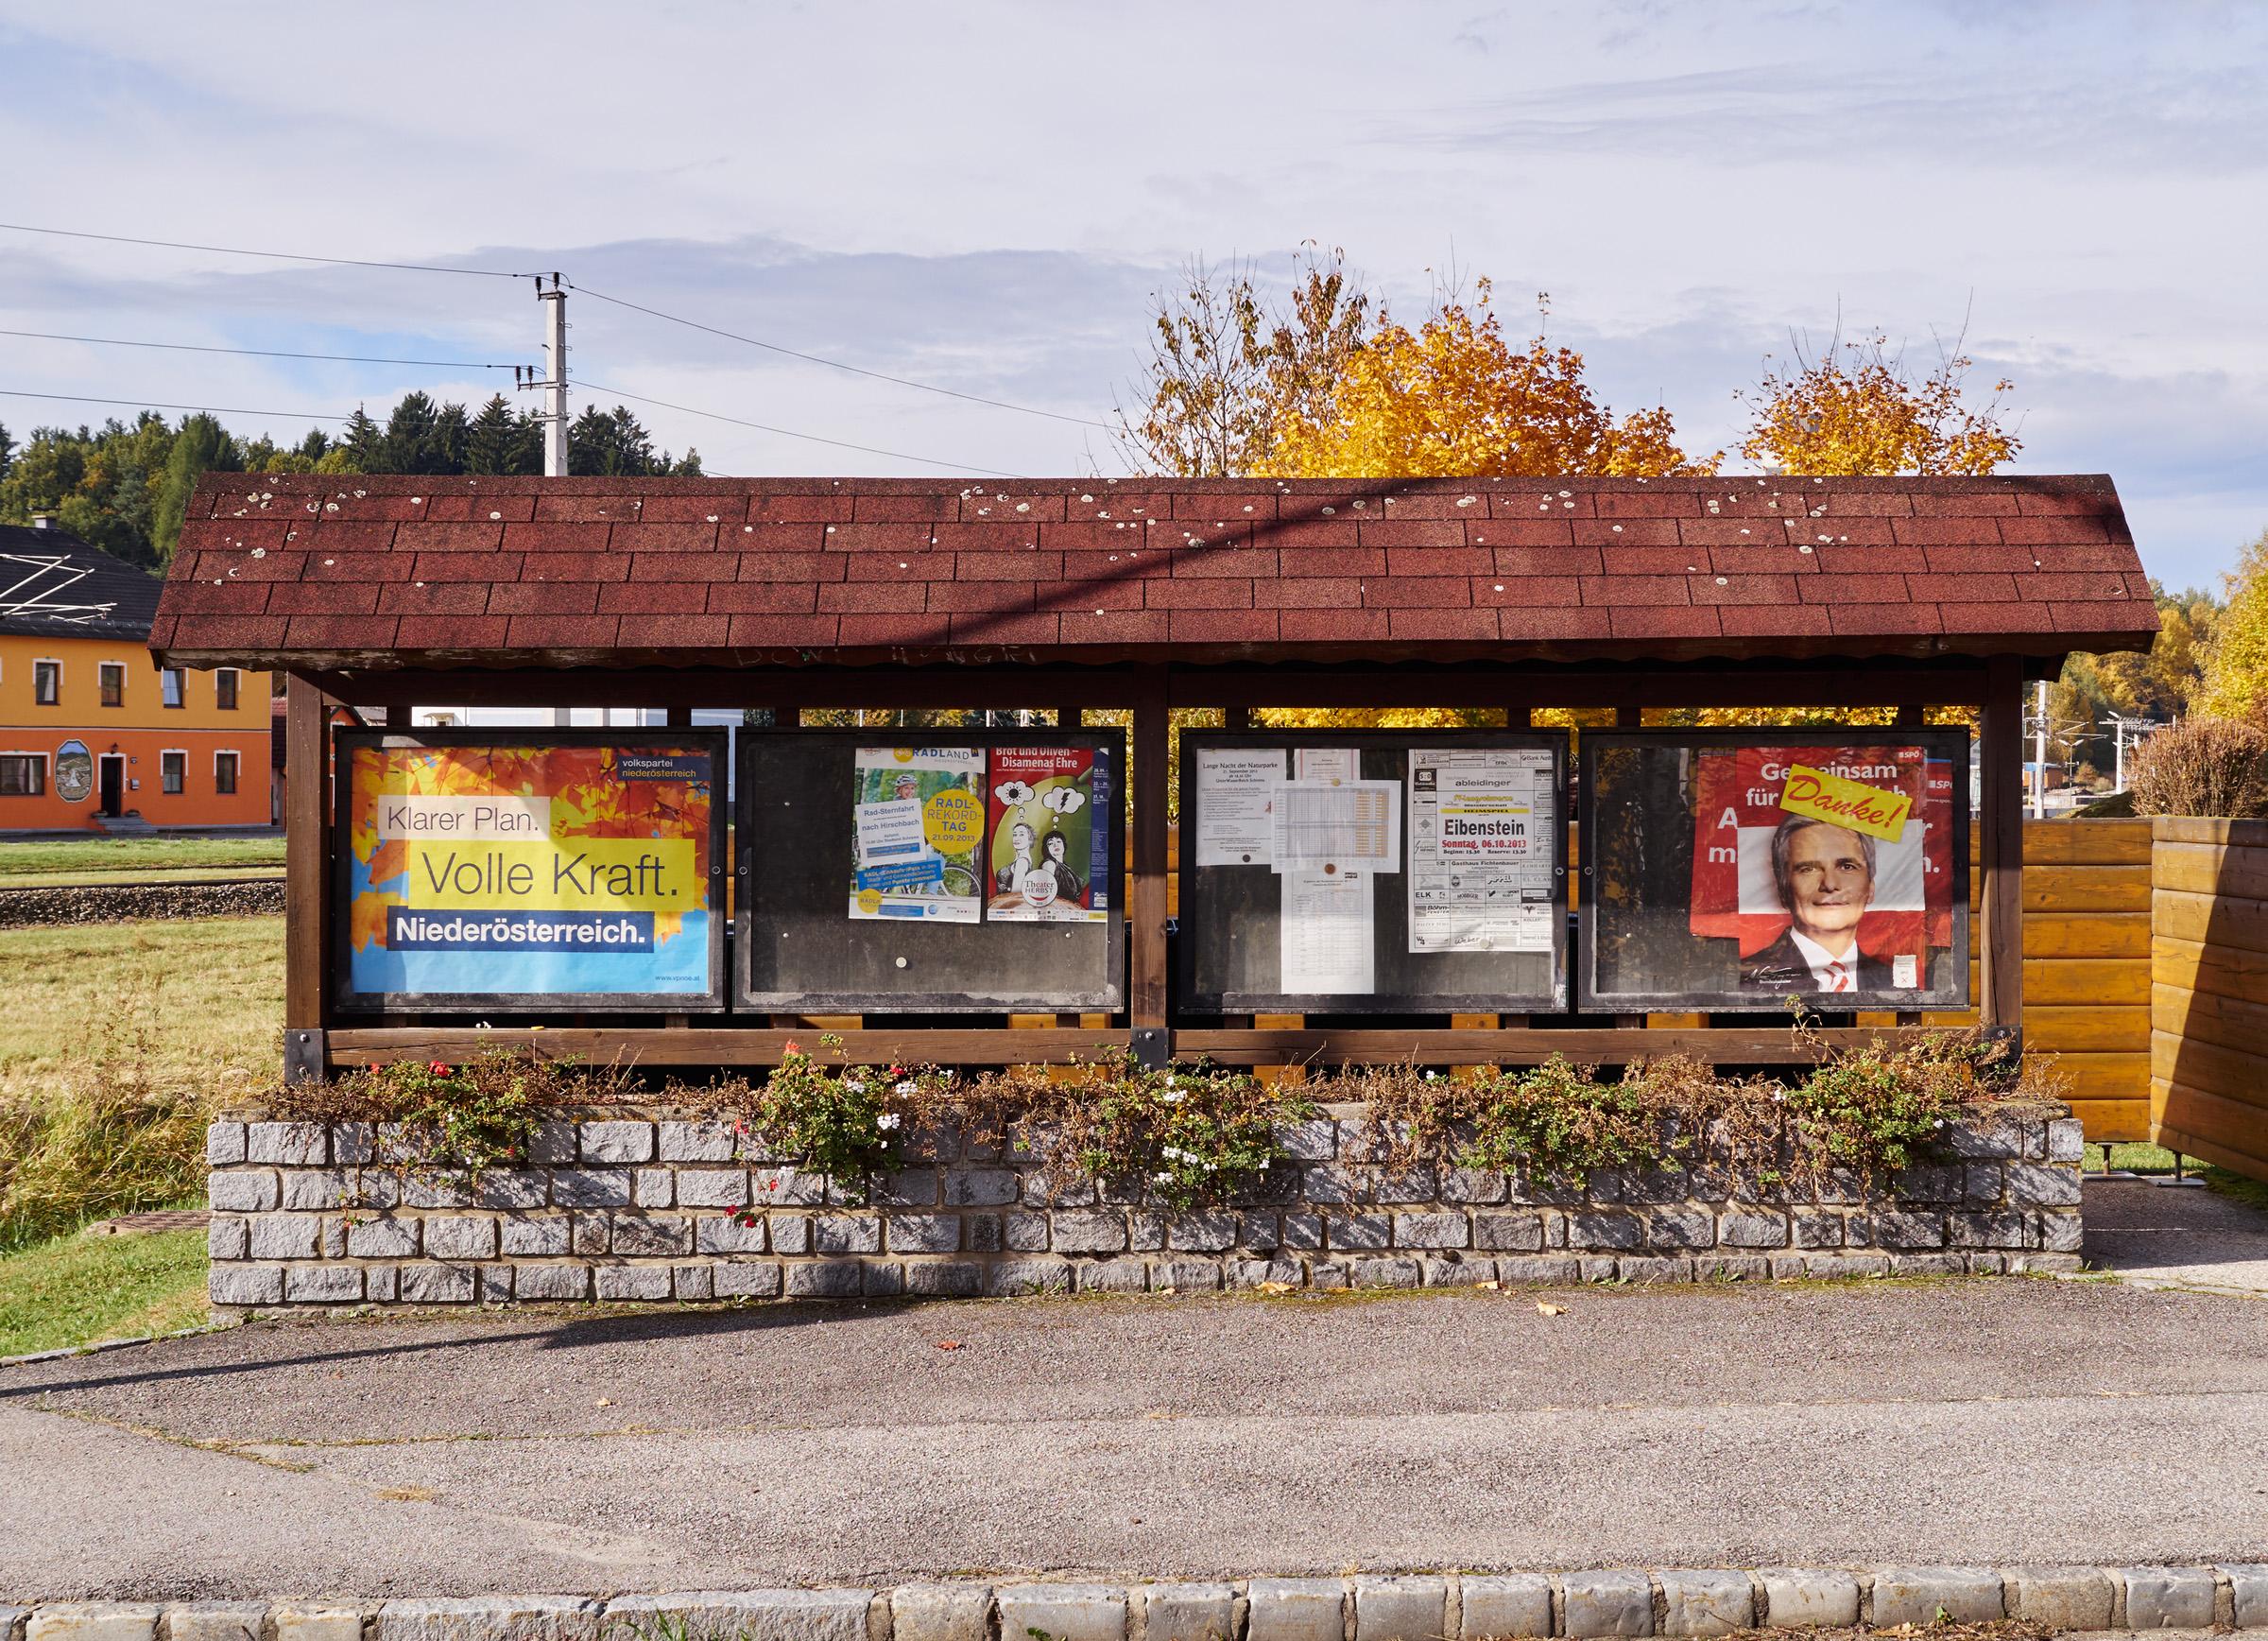 Pürbach nah 2013-10-15.jpg